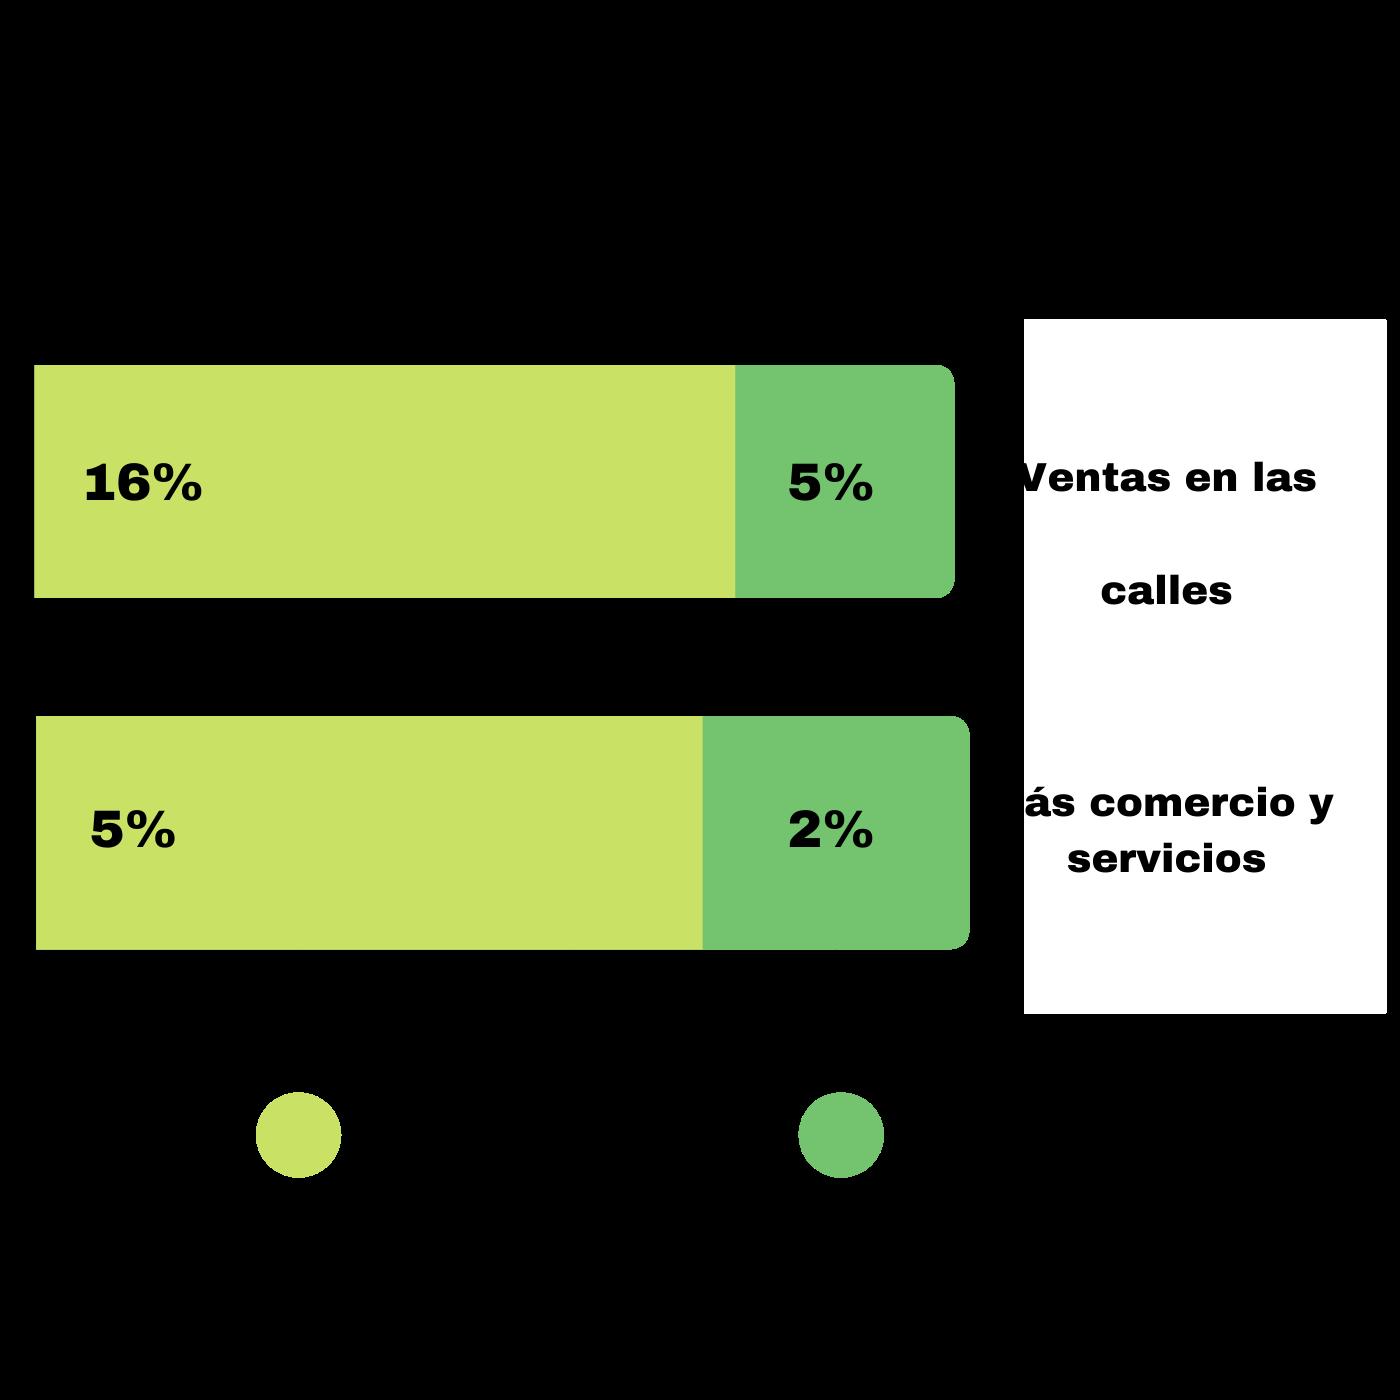 Los Negocios Y El Control De Los Mercados En Santa Tecla. Problemas Santa Tecla. Infografía. Roberto d'Aubuisson. 2020